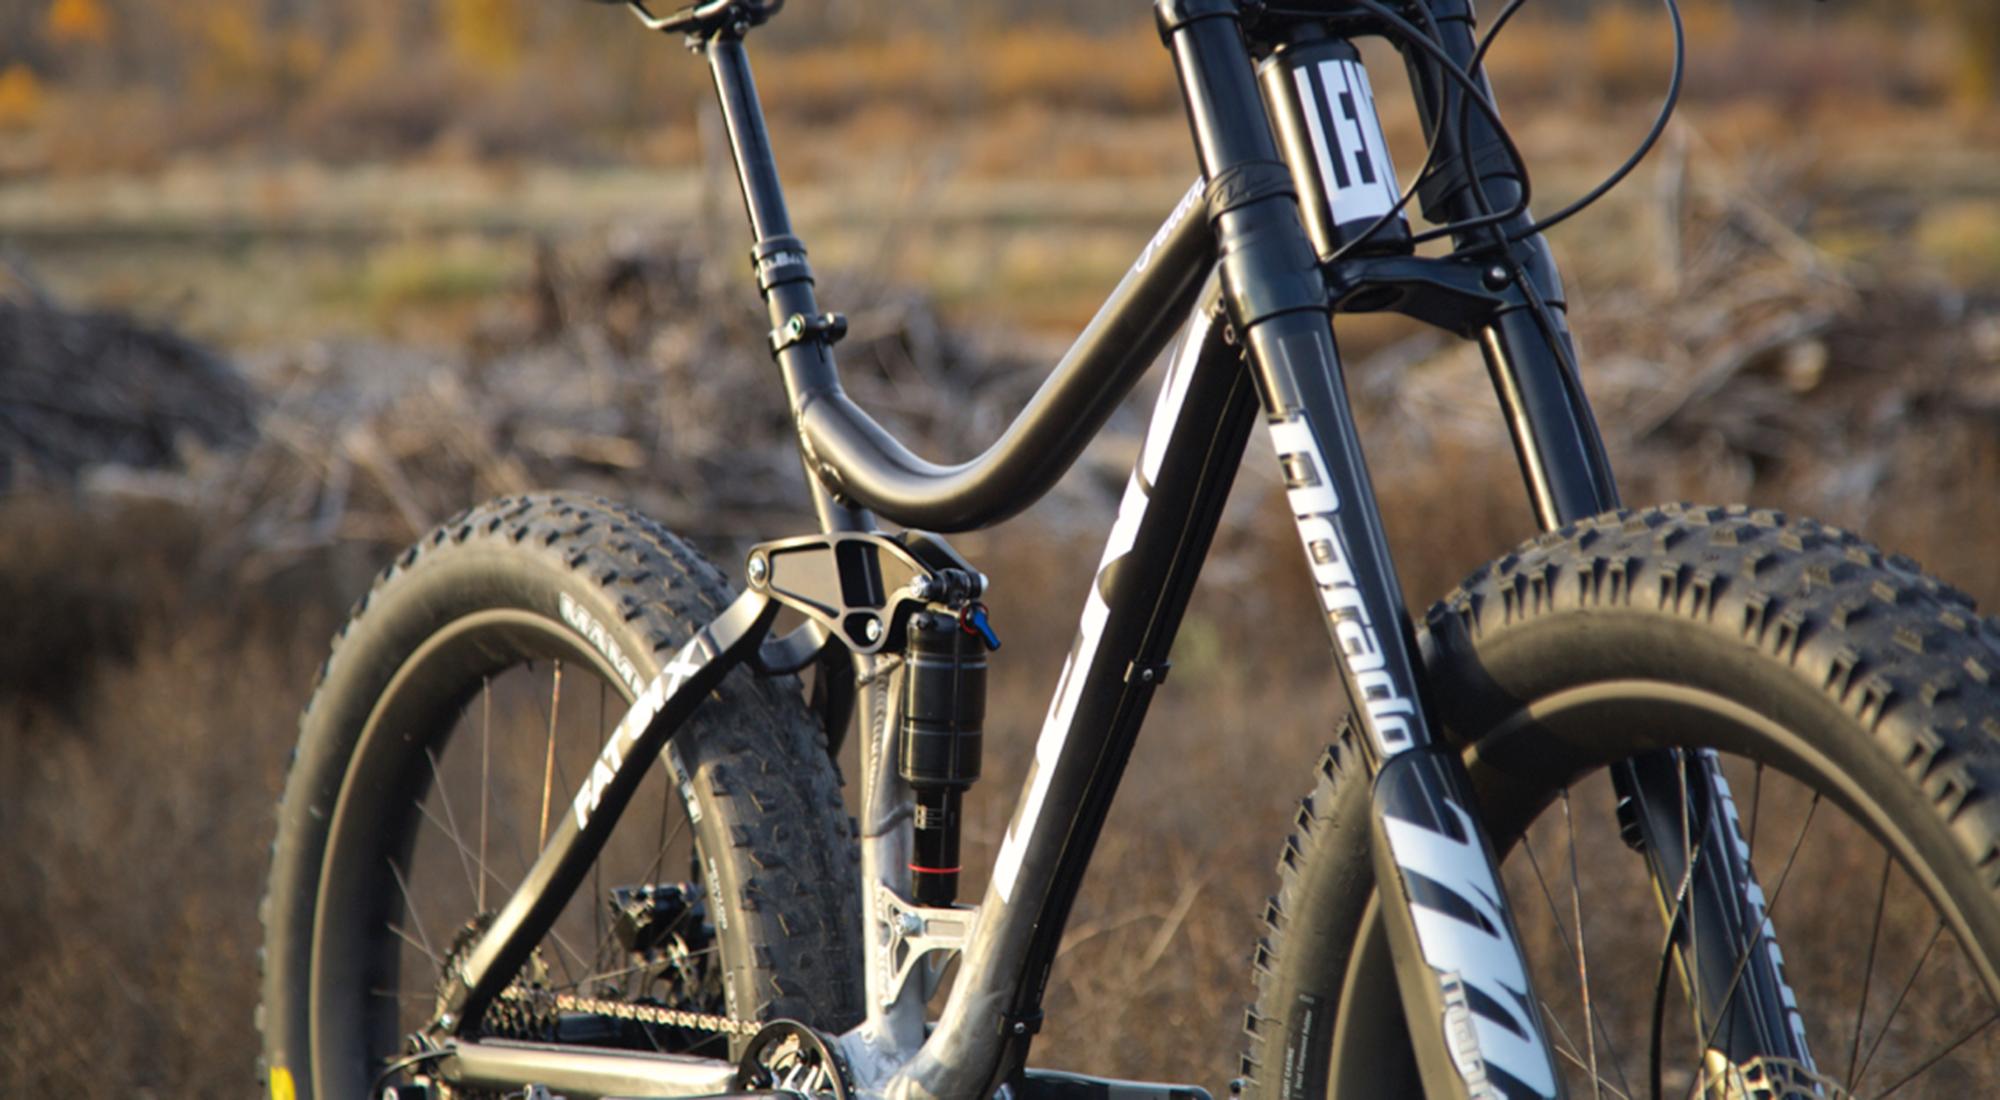 Lenz Sport Fat Bike is here